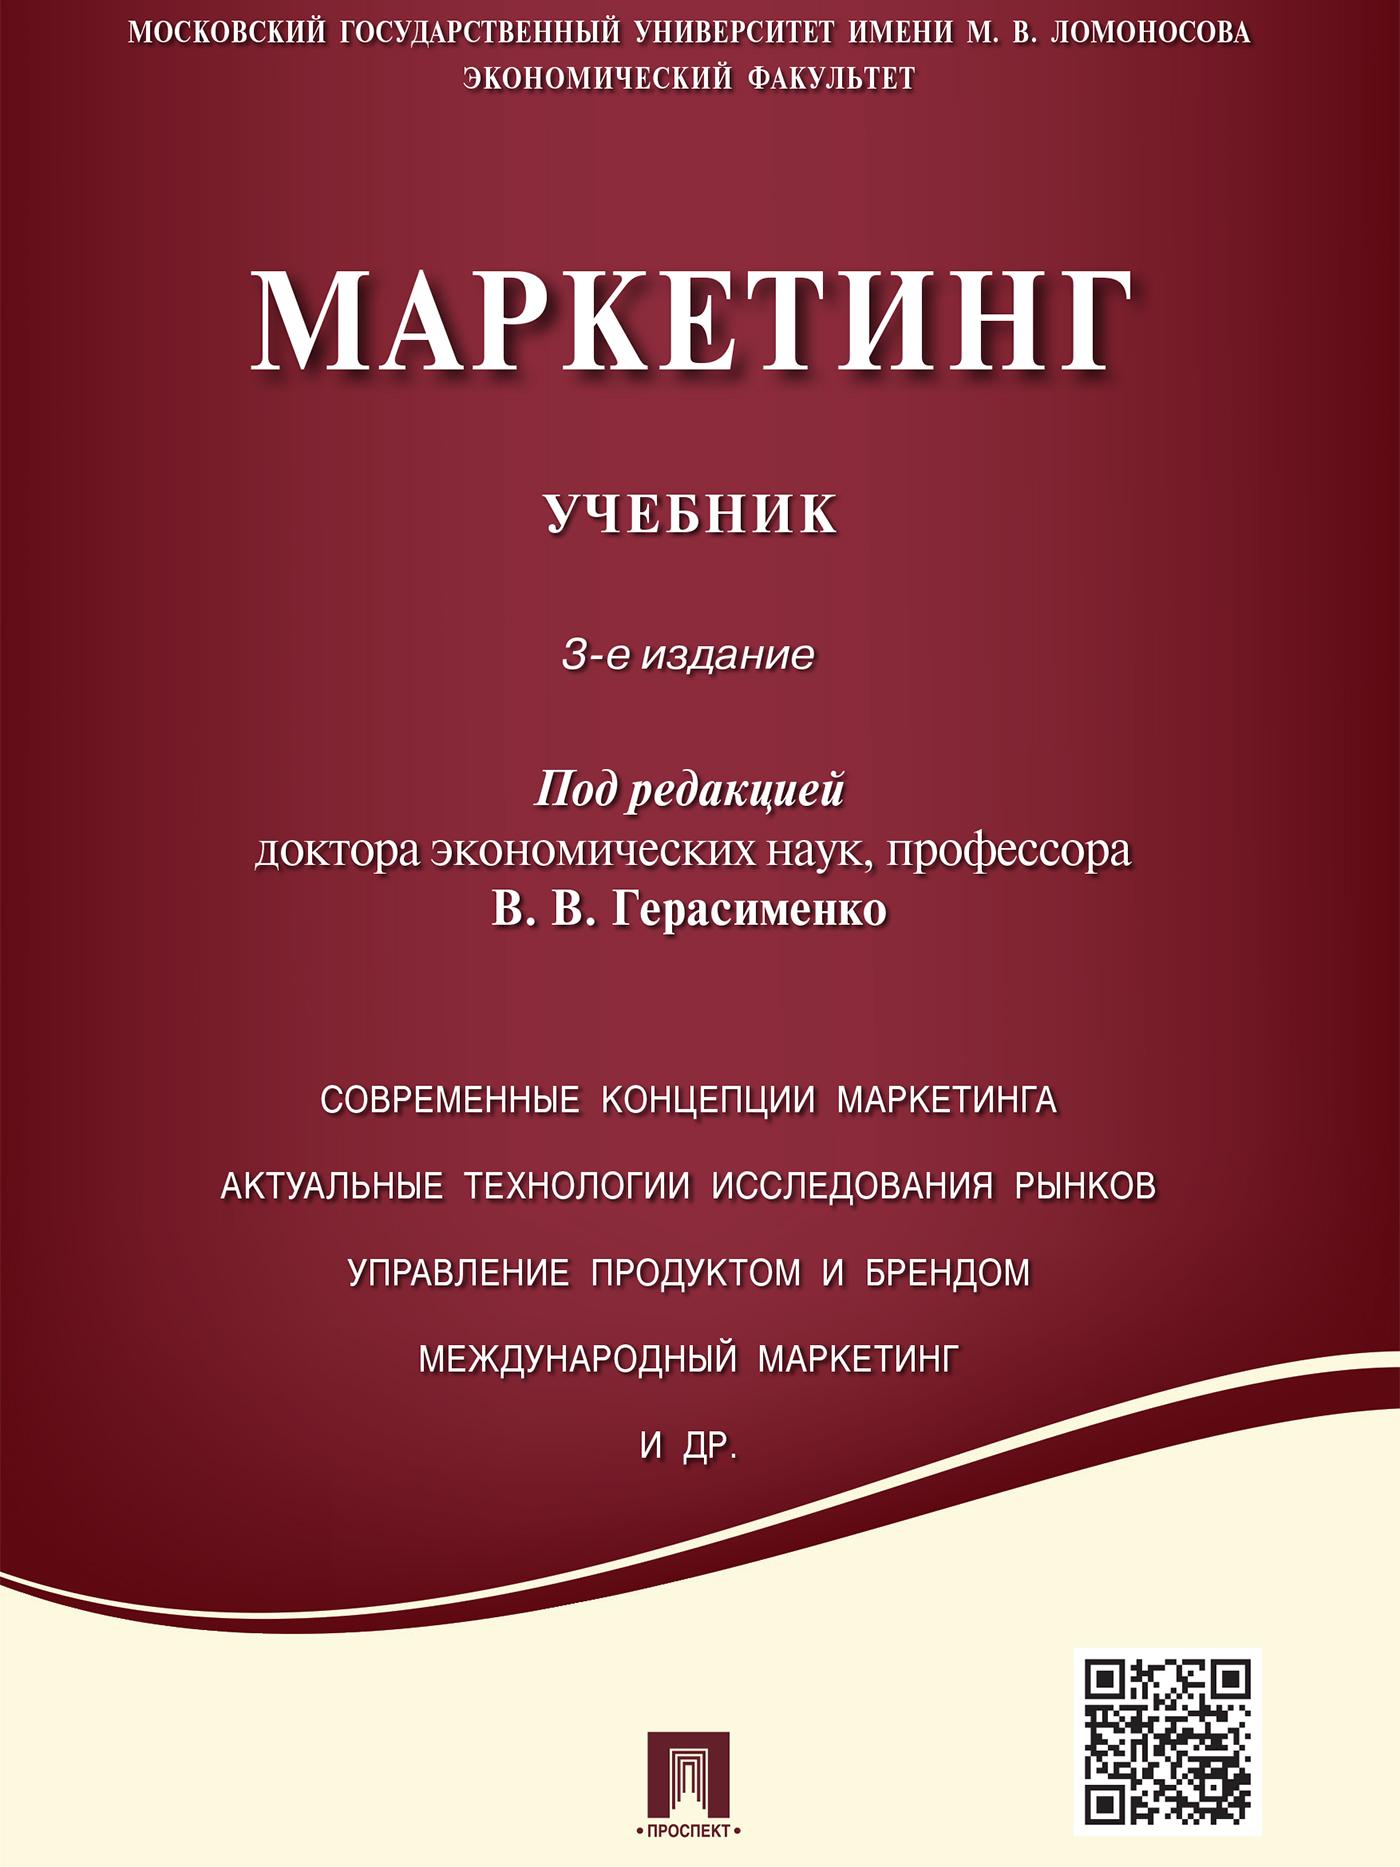 Коллектив авторов Маркетинг. 3-е издание. Учебник